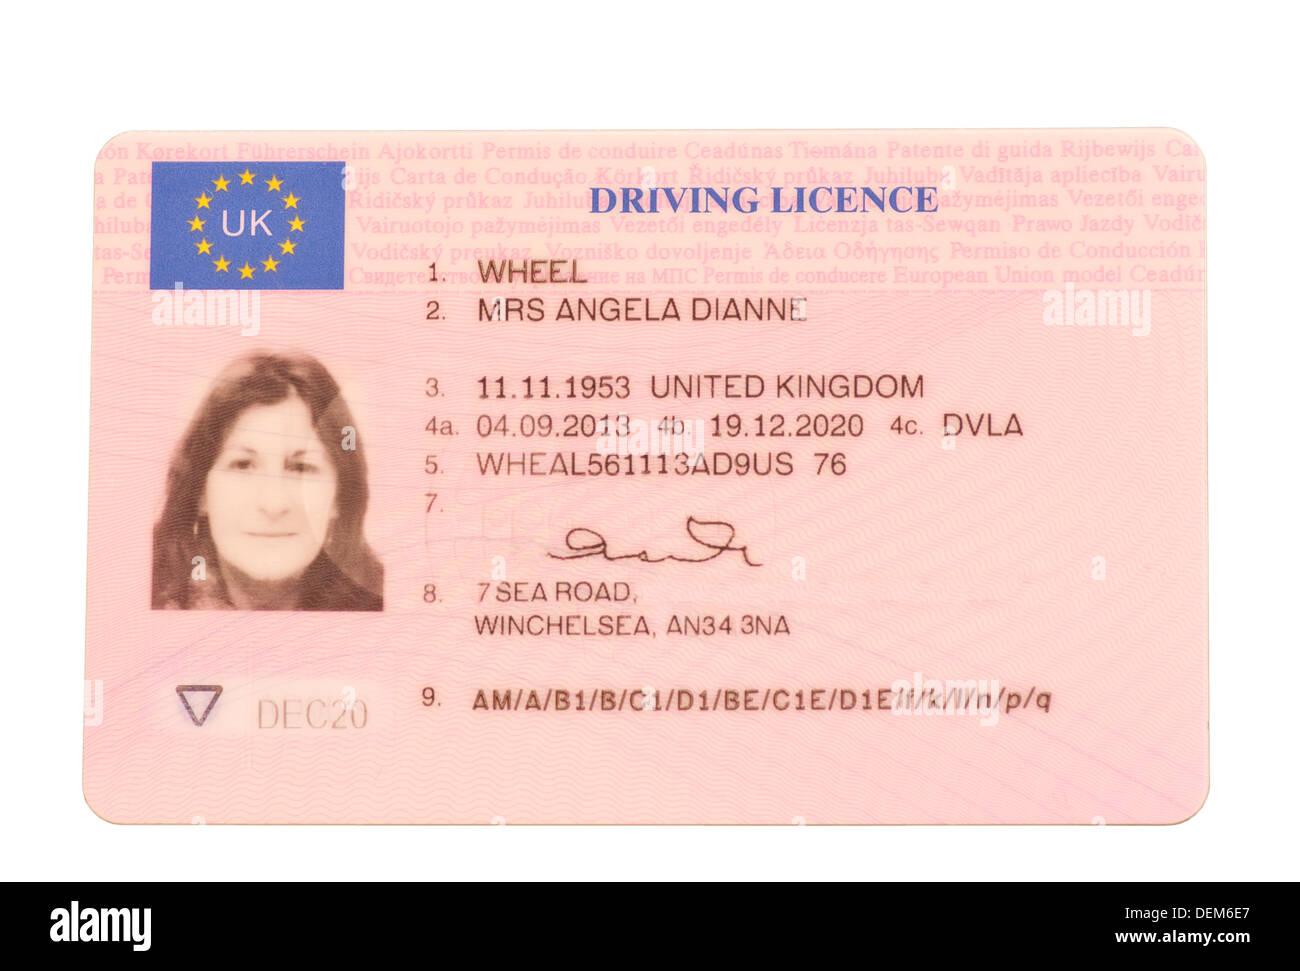 irish drivers license in uk